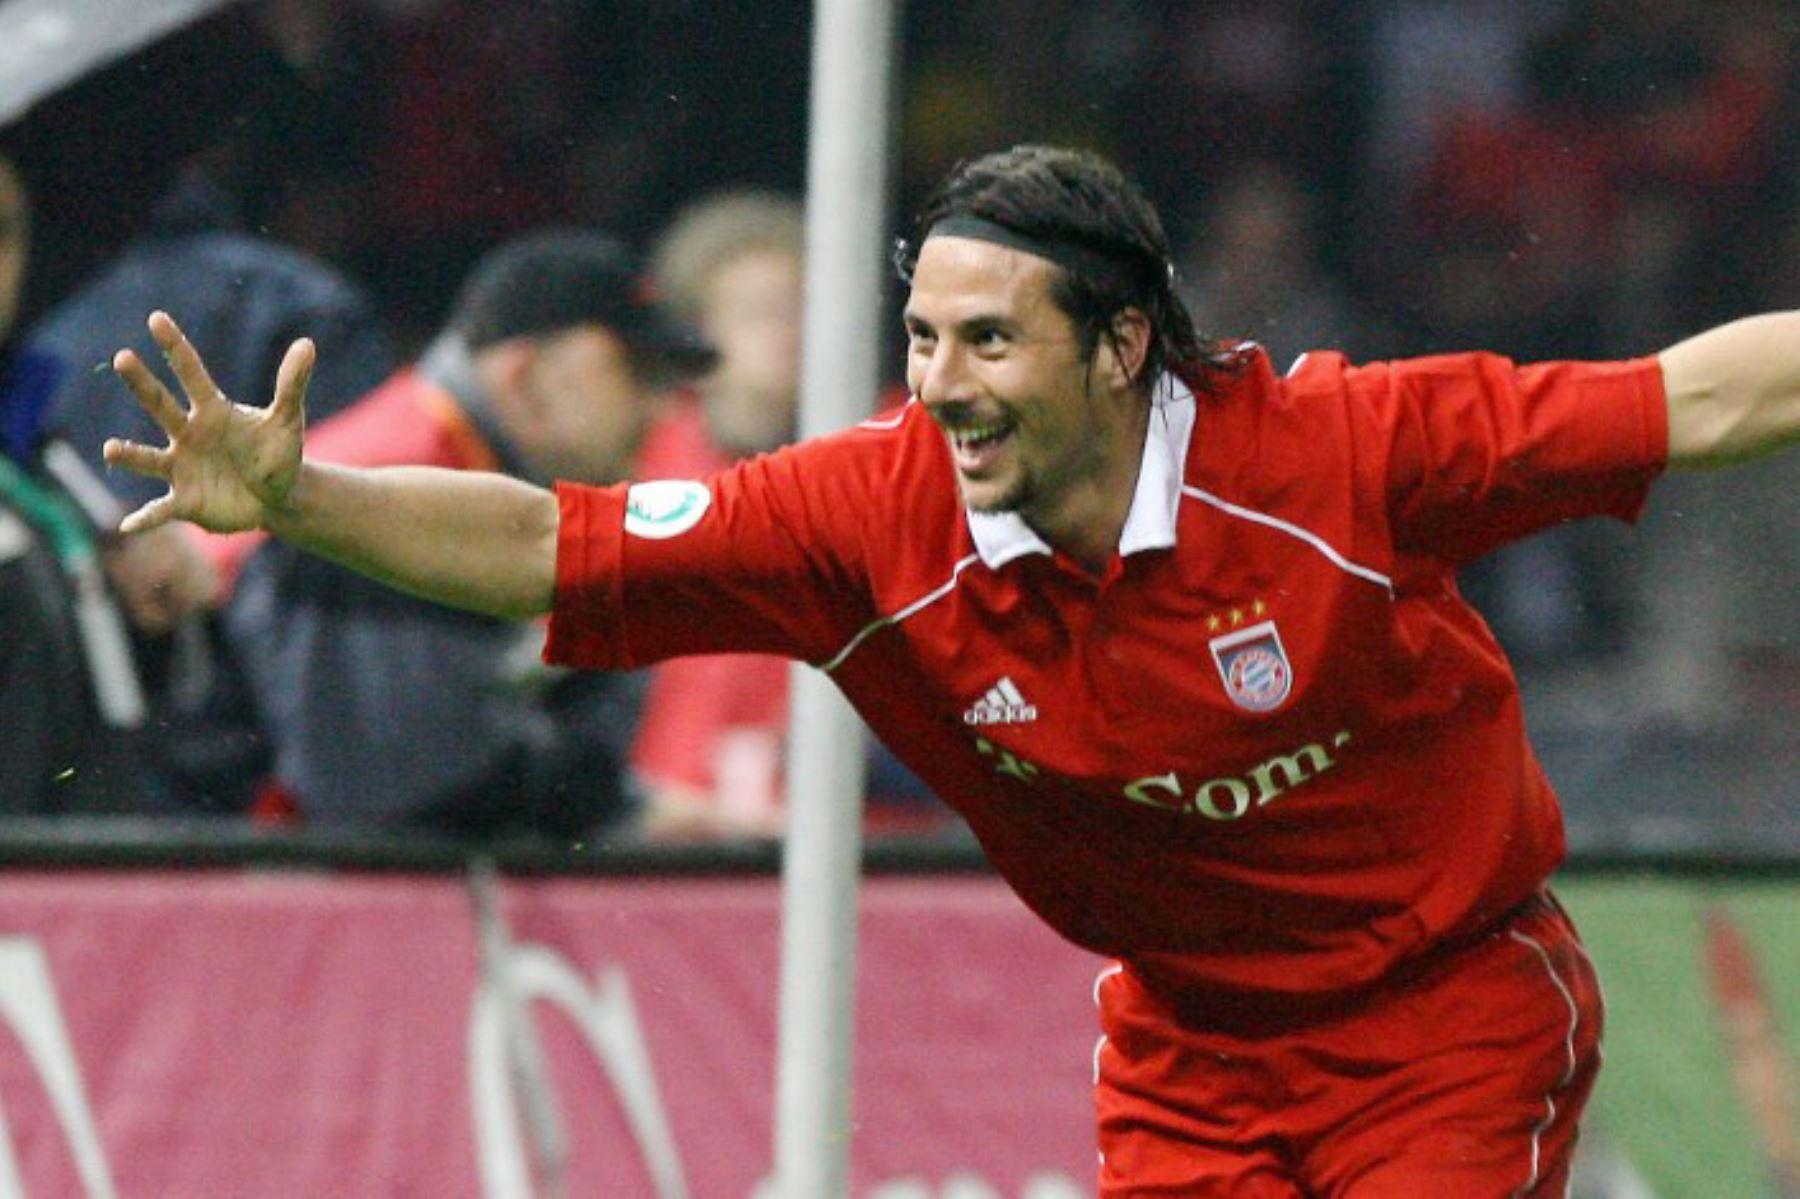 El delantero peruano del Bayern Múnich, Claudio Pizarro, celebra tras anotar contra el Eintracht Frankfurt durante la final de la Copa de Alemania en el Olympiastadion de Berlín el 29 de abril de 2006. Munich ganó el partido 1-0.  Foto: AFP